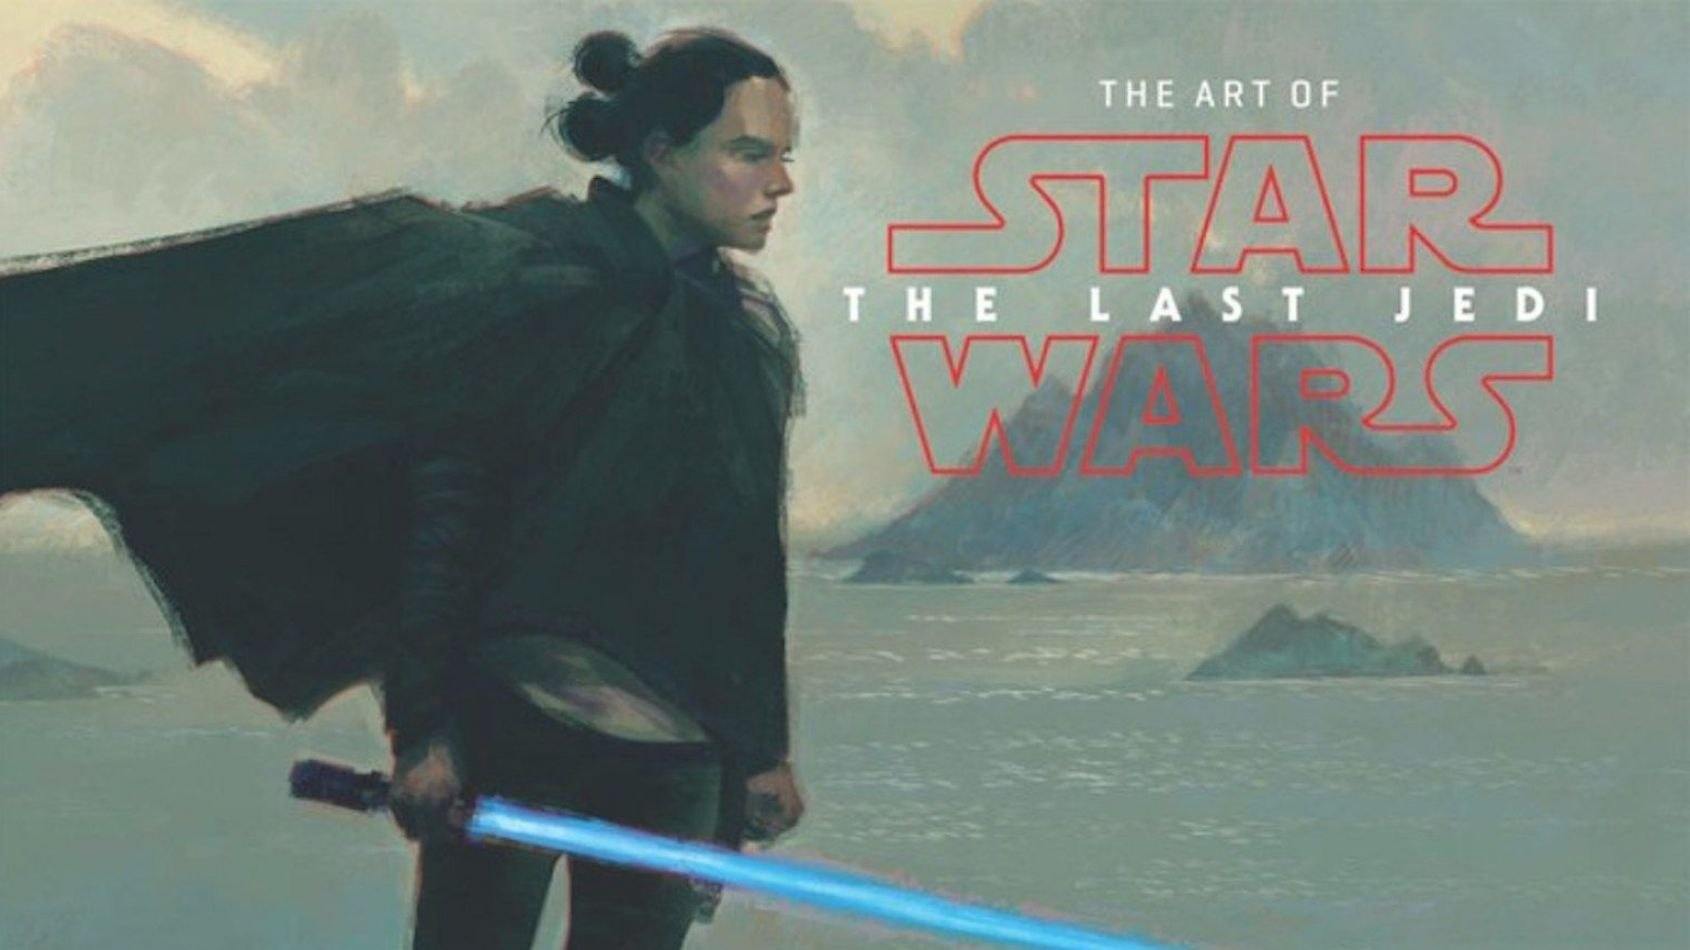 Couverture du livre The Art of The Last Jedi